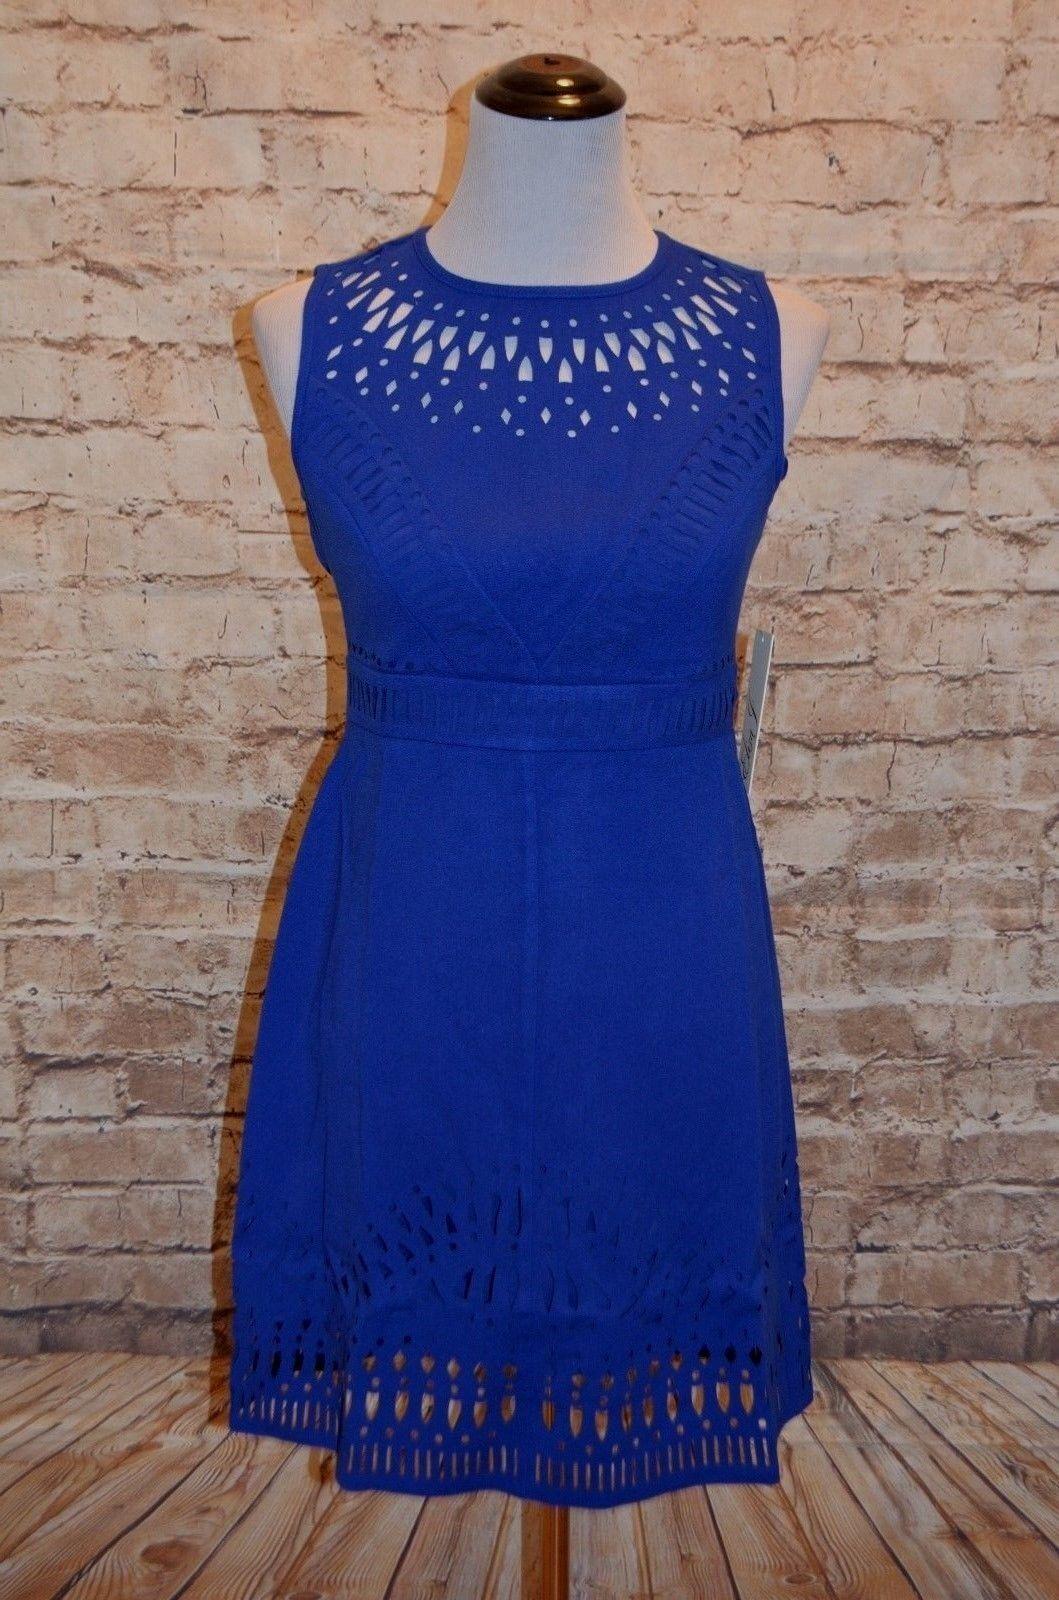 Modcloth Mingling Mood dress NWT 2 Eliza J   cutout A-line Cobalt Sapphire